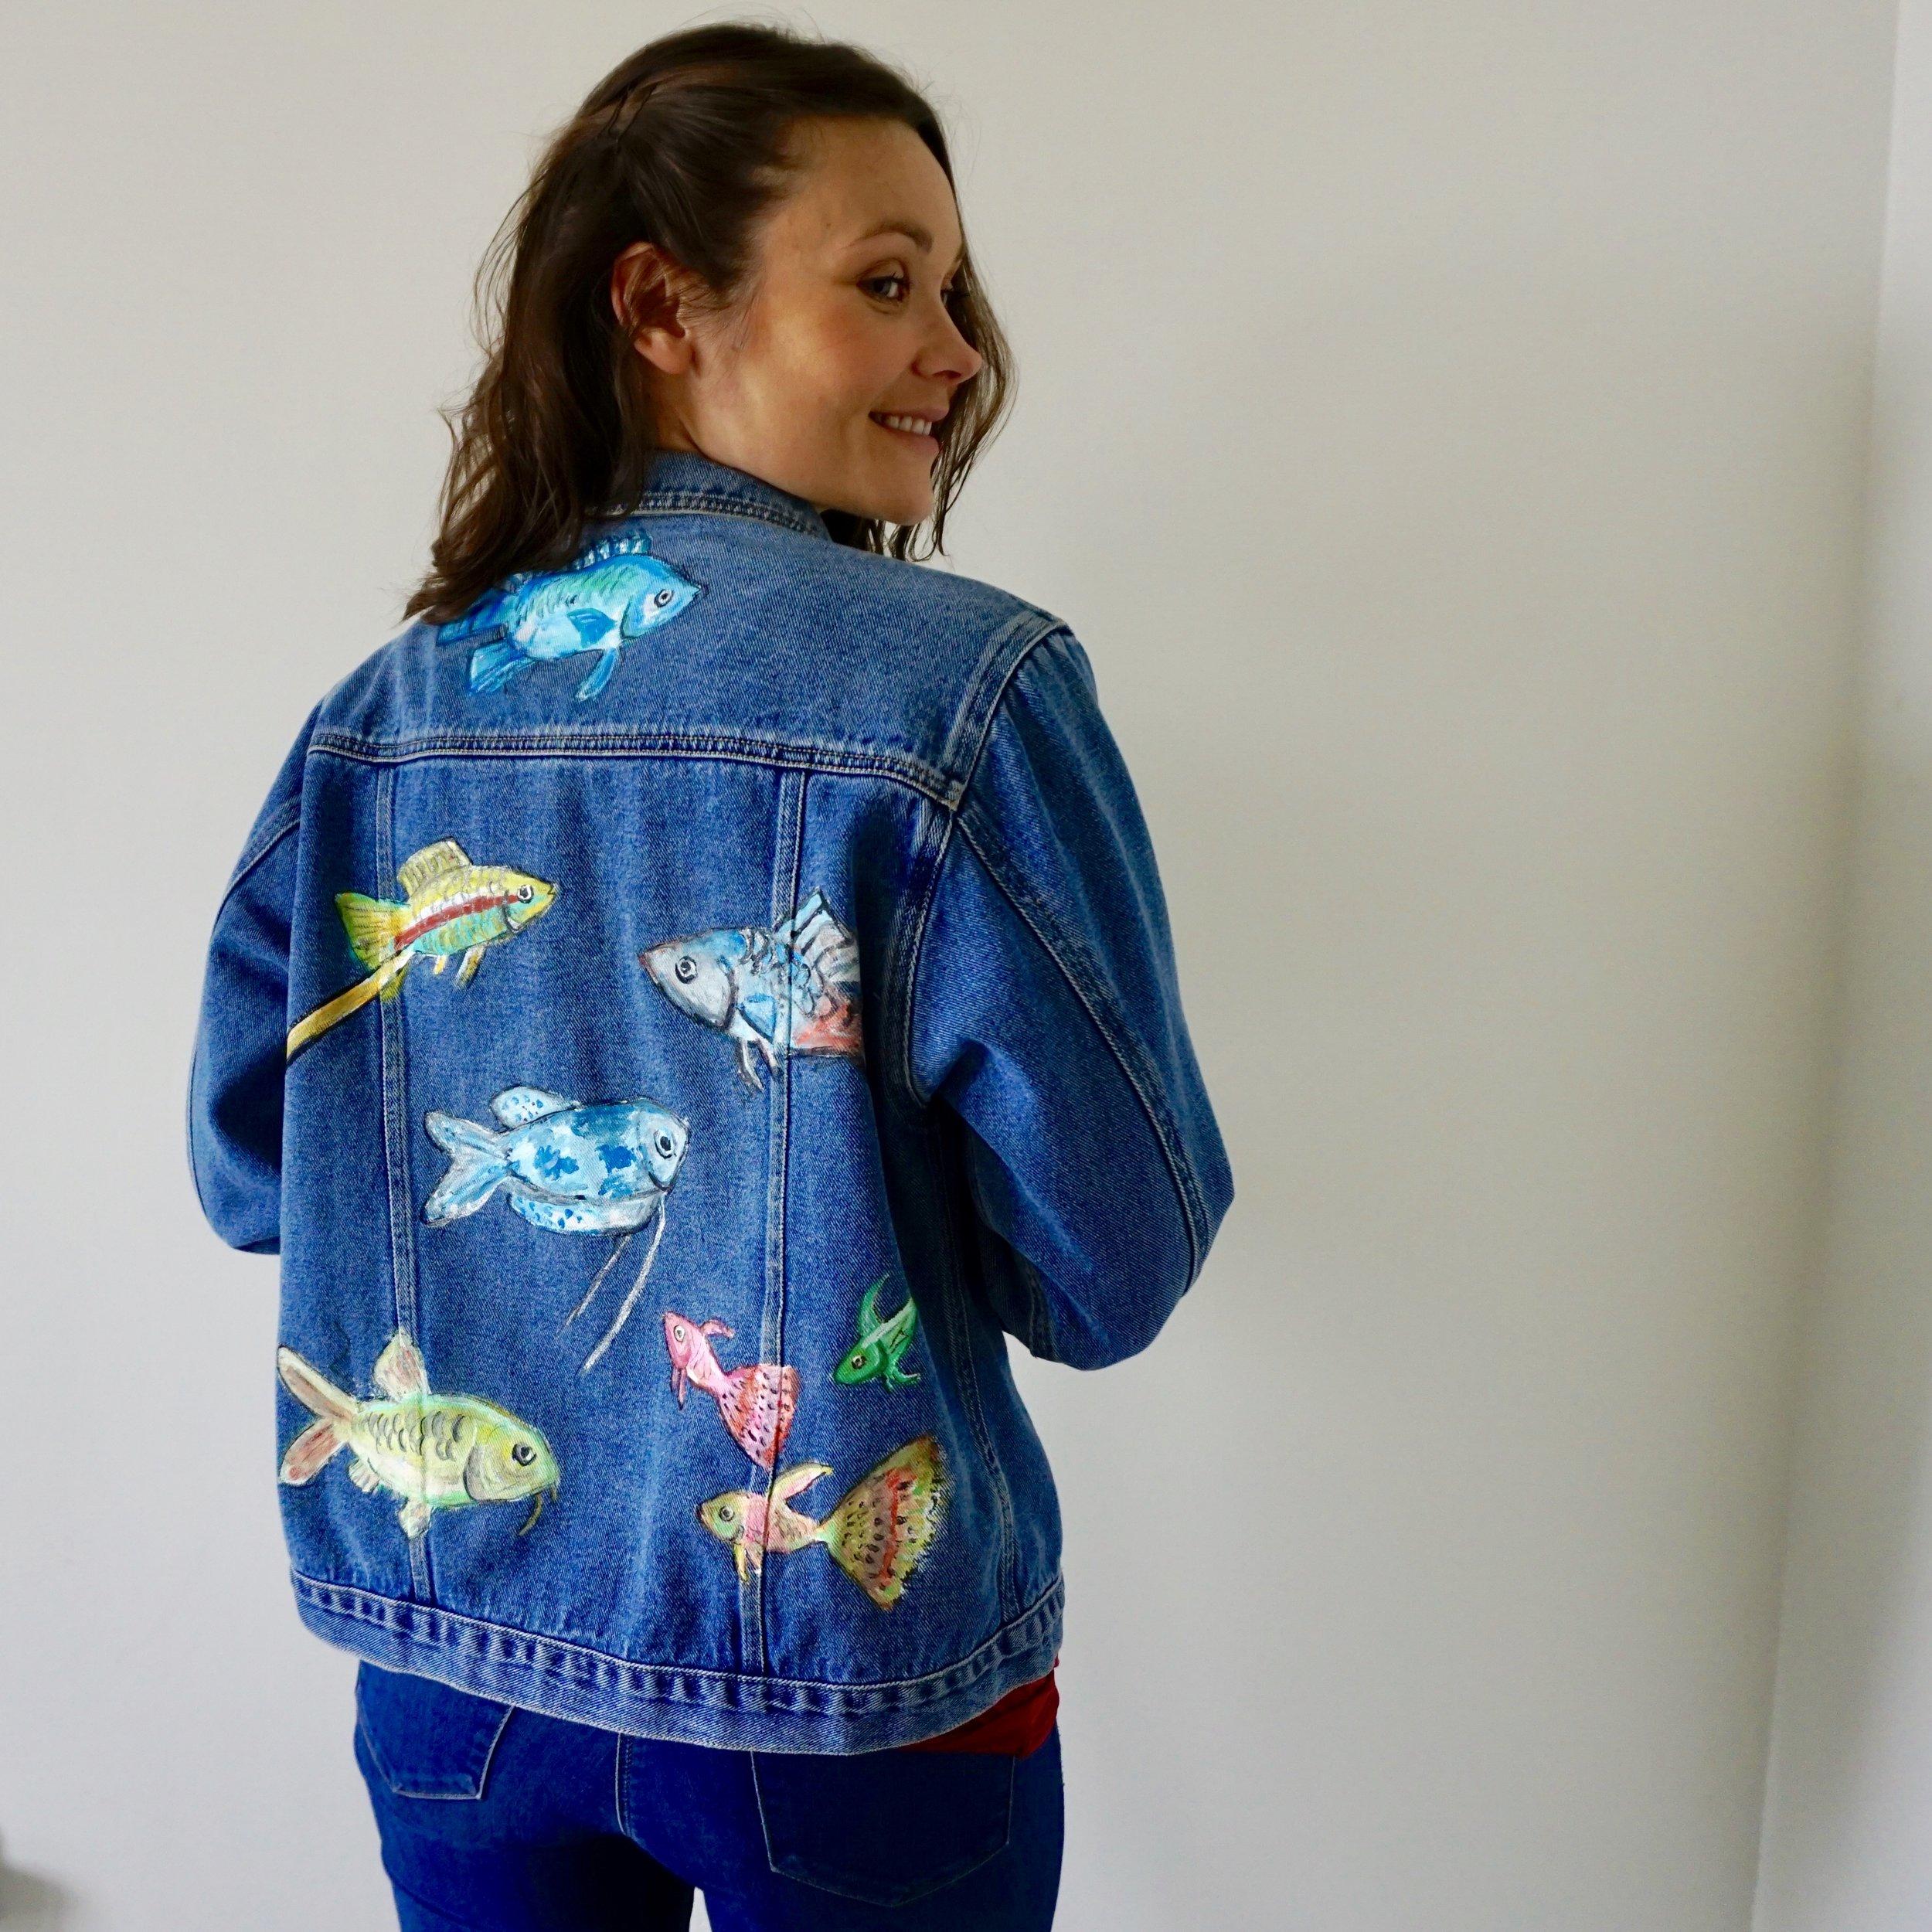 Hanna Pumfrey in SmartSquid Jacket